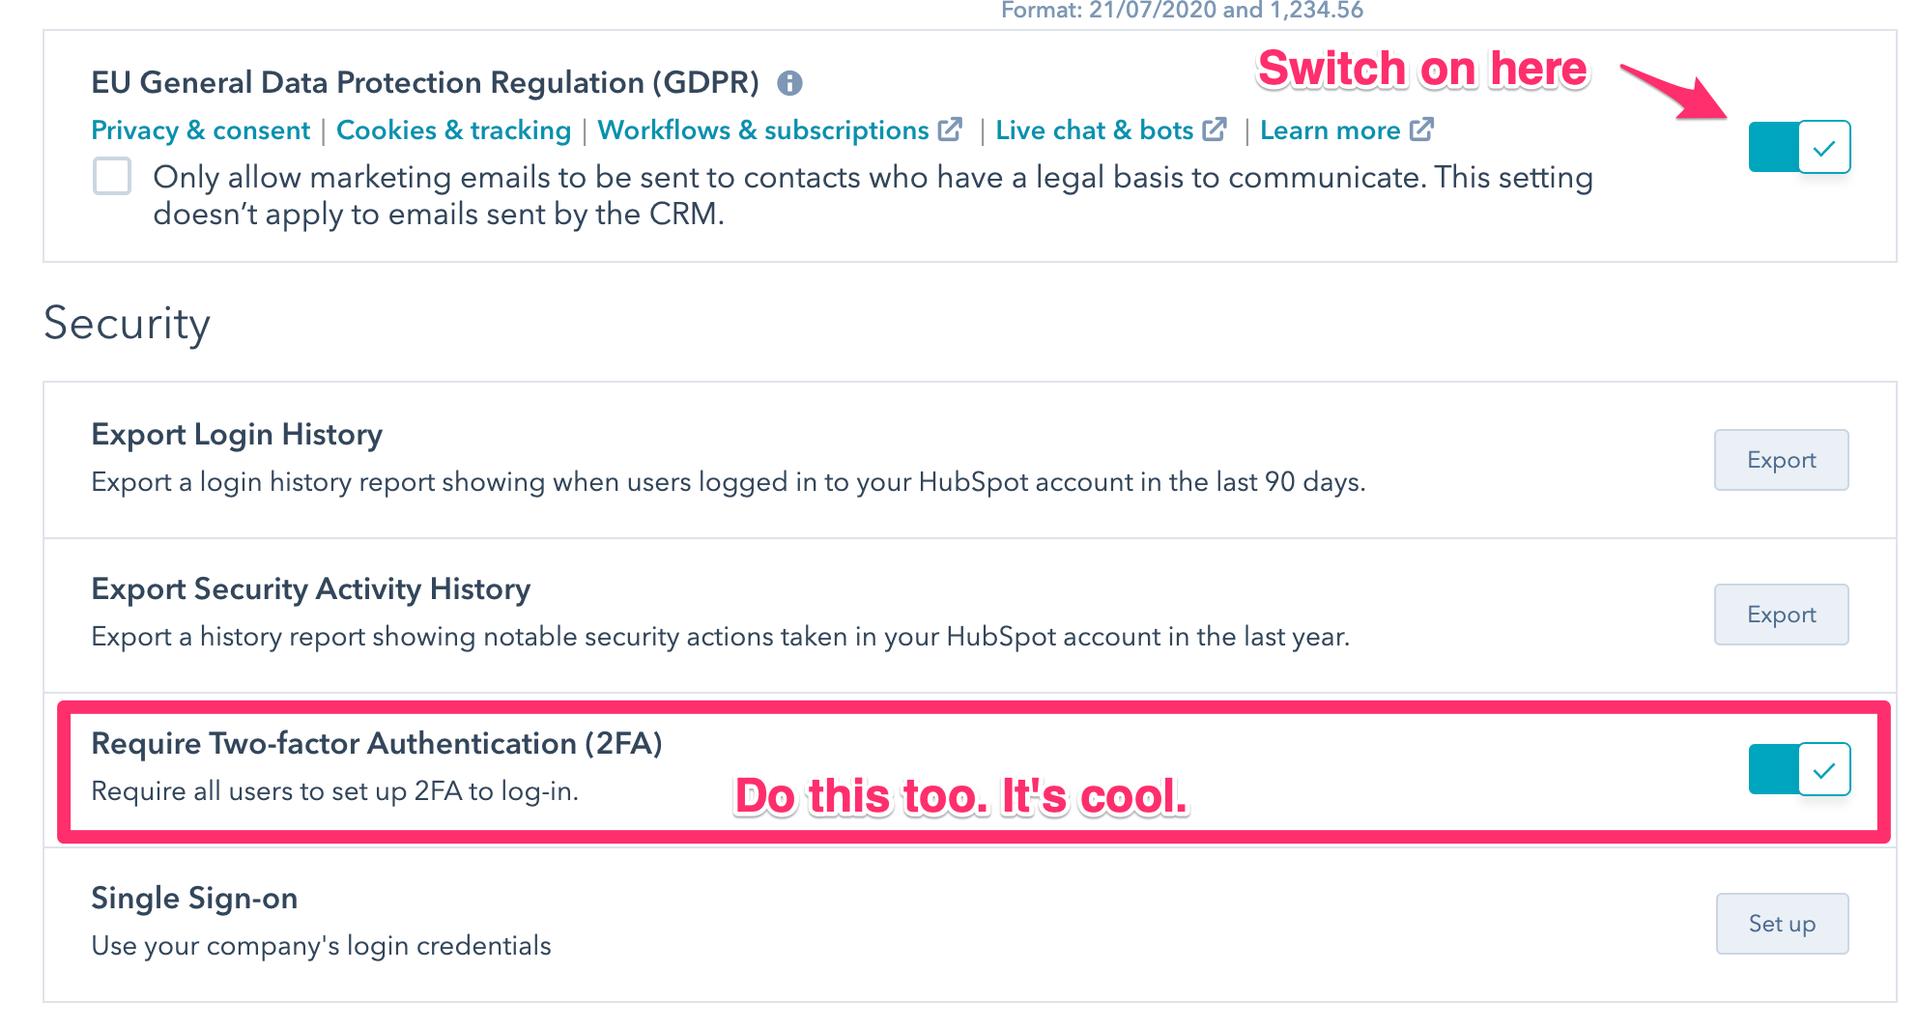 hubspot gdpr compliance 2 - settings